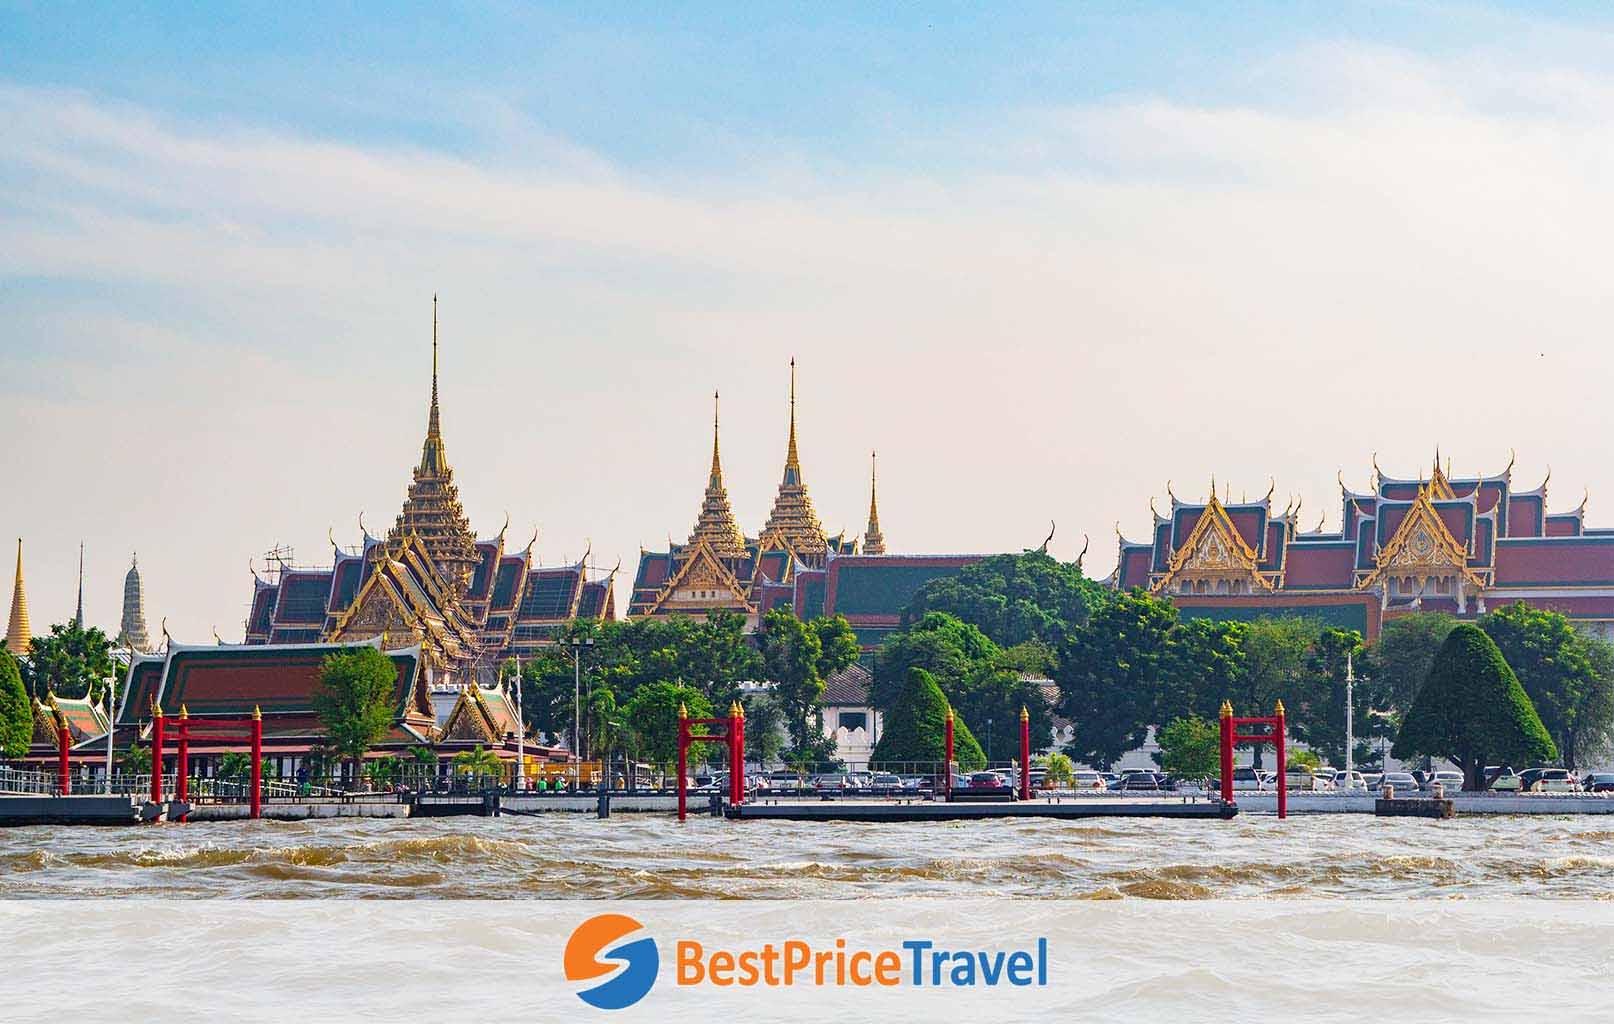 Du thuyền trên dòng sông huyền thoại Chao Phraya